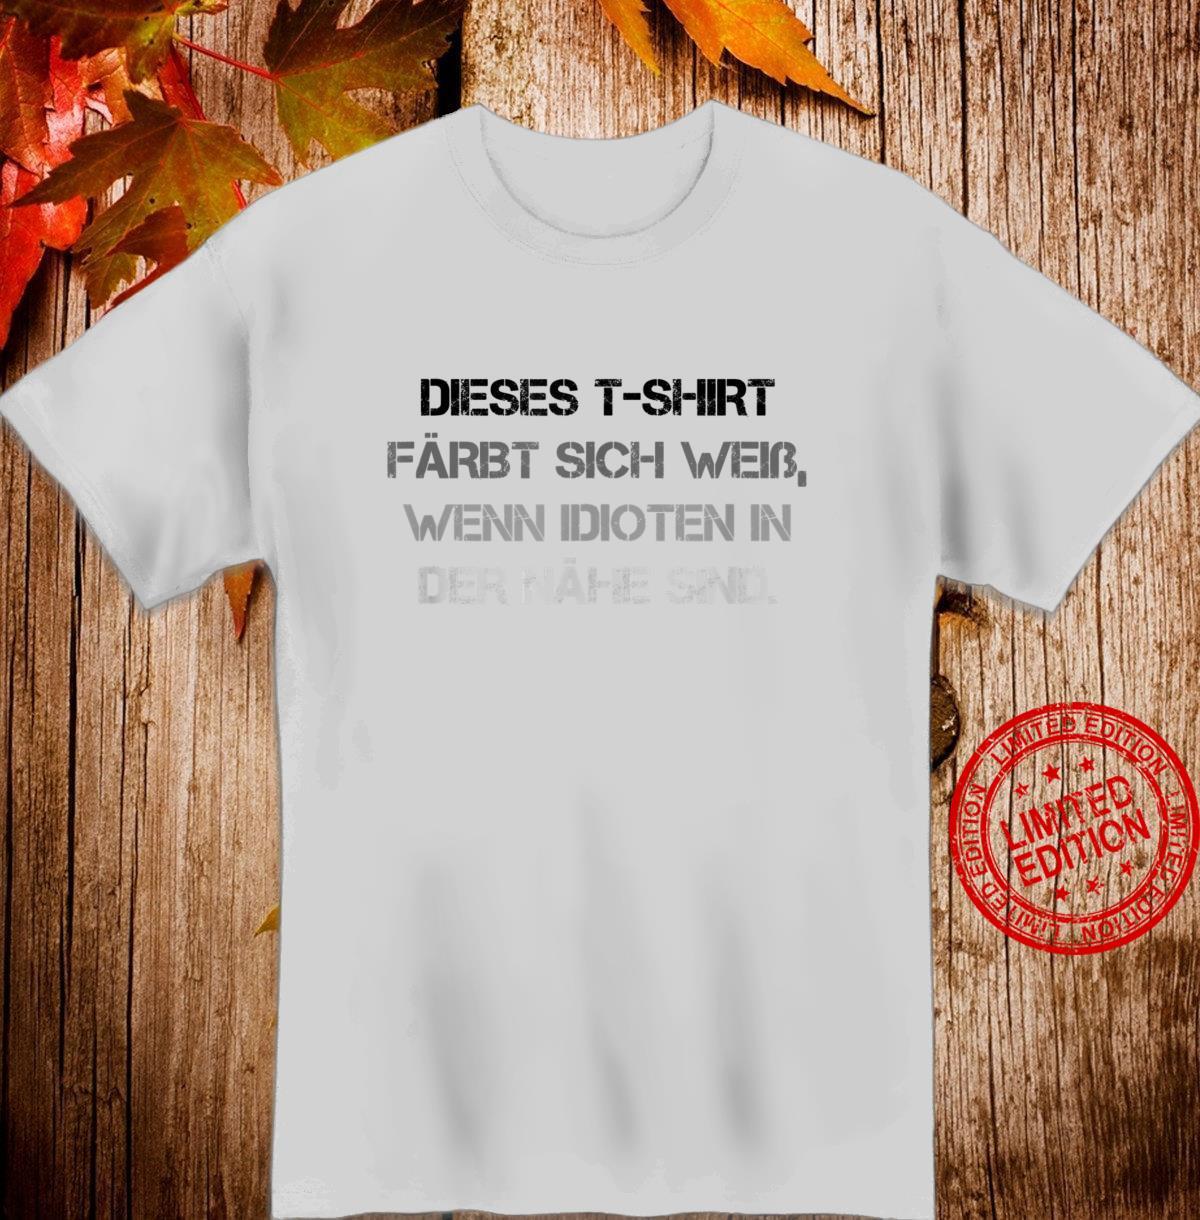 Färbt Sich Weiß In Nähe Von Idioten Lustiger Spruch Geschenk Shirt